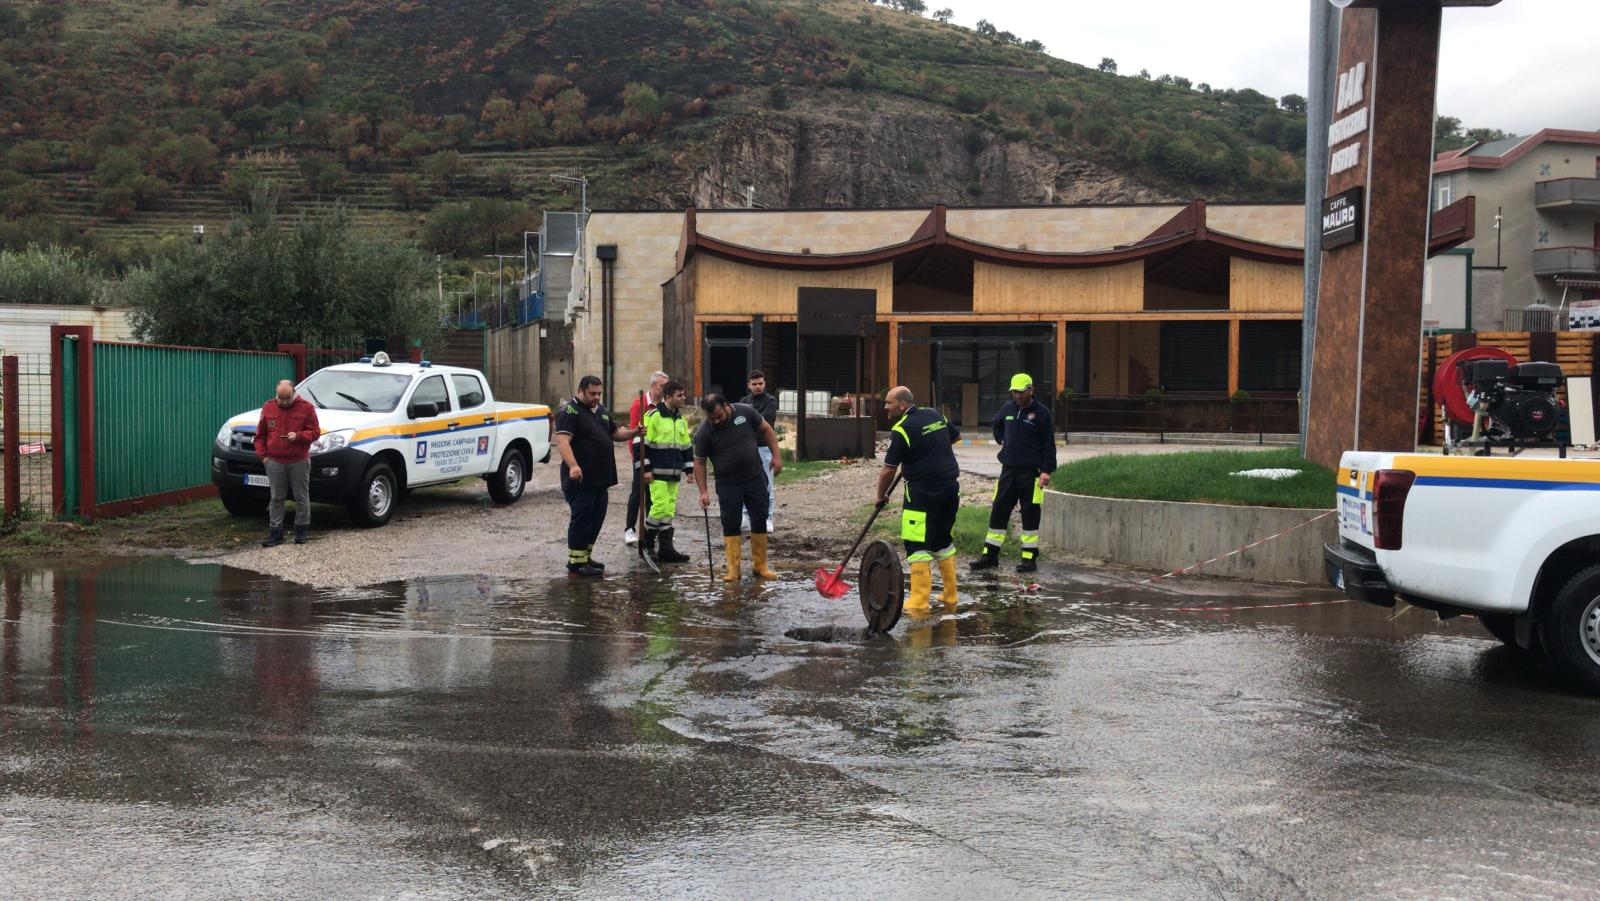 Emergenza maltempo in Campania, situazioni critiche nell'area Sarnese. Due case isolate in Irpinia